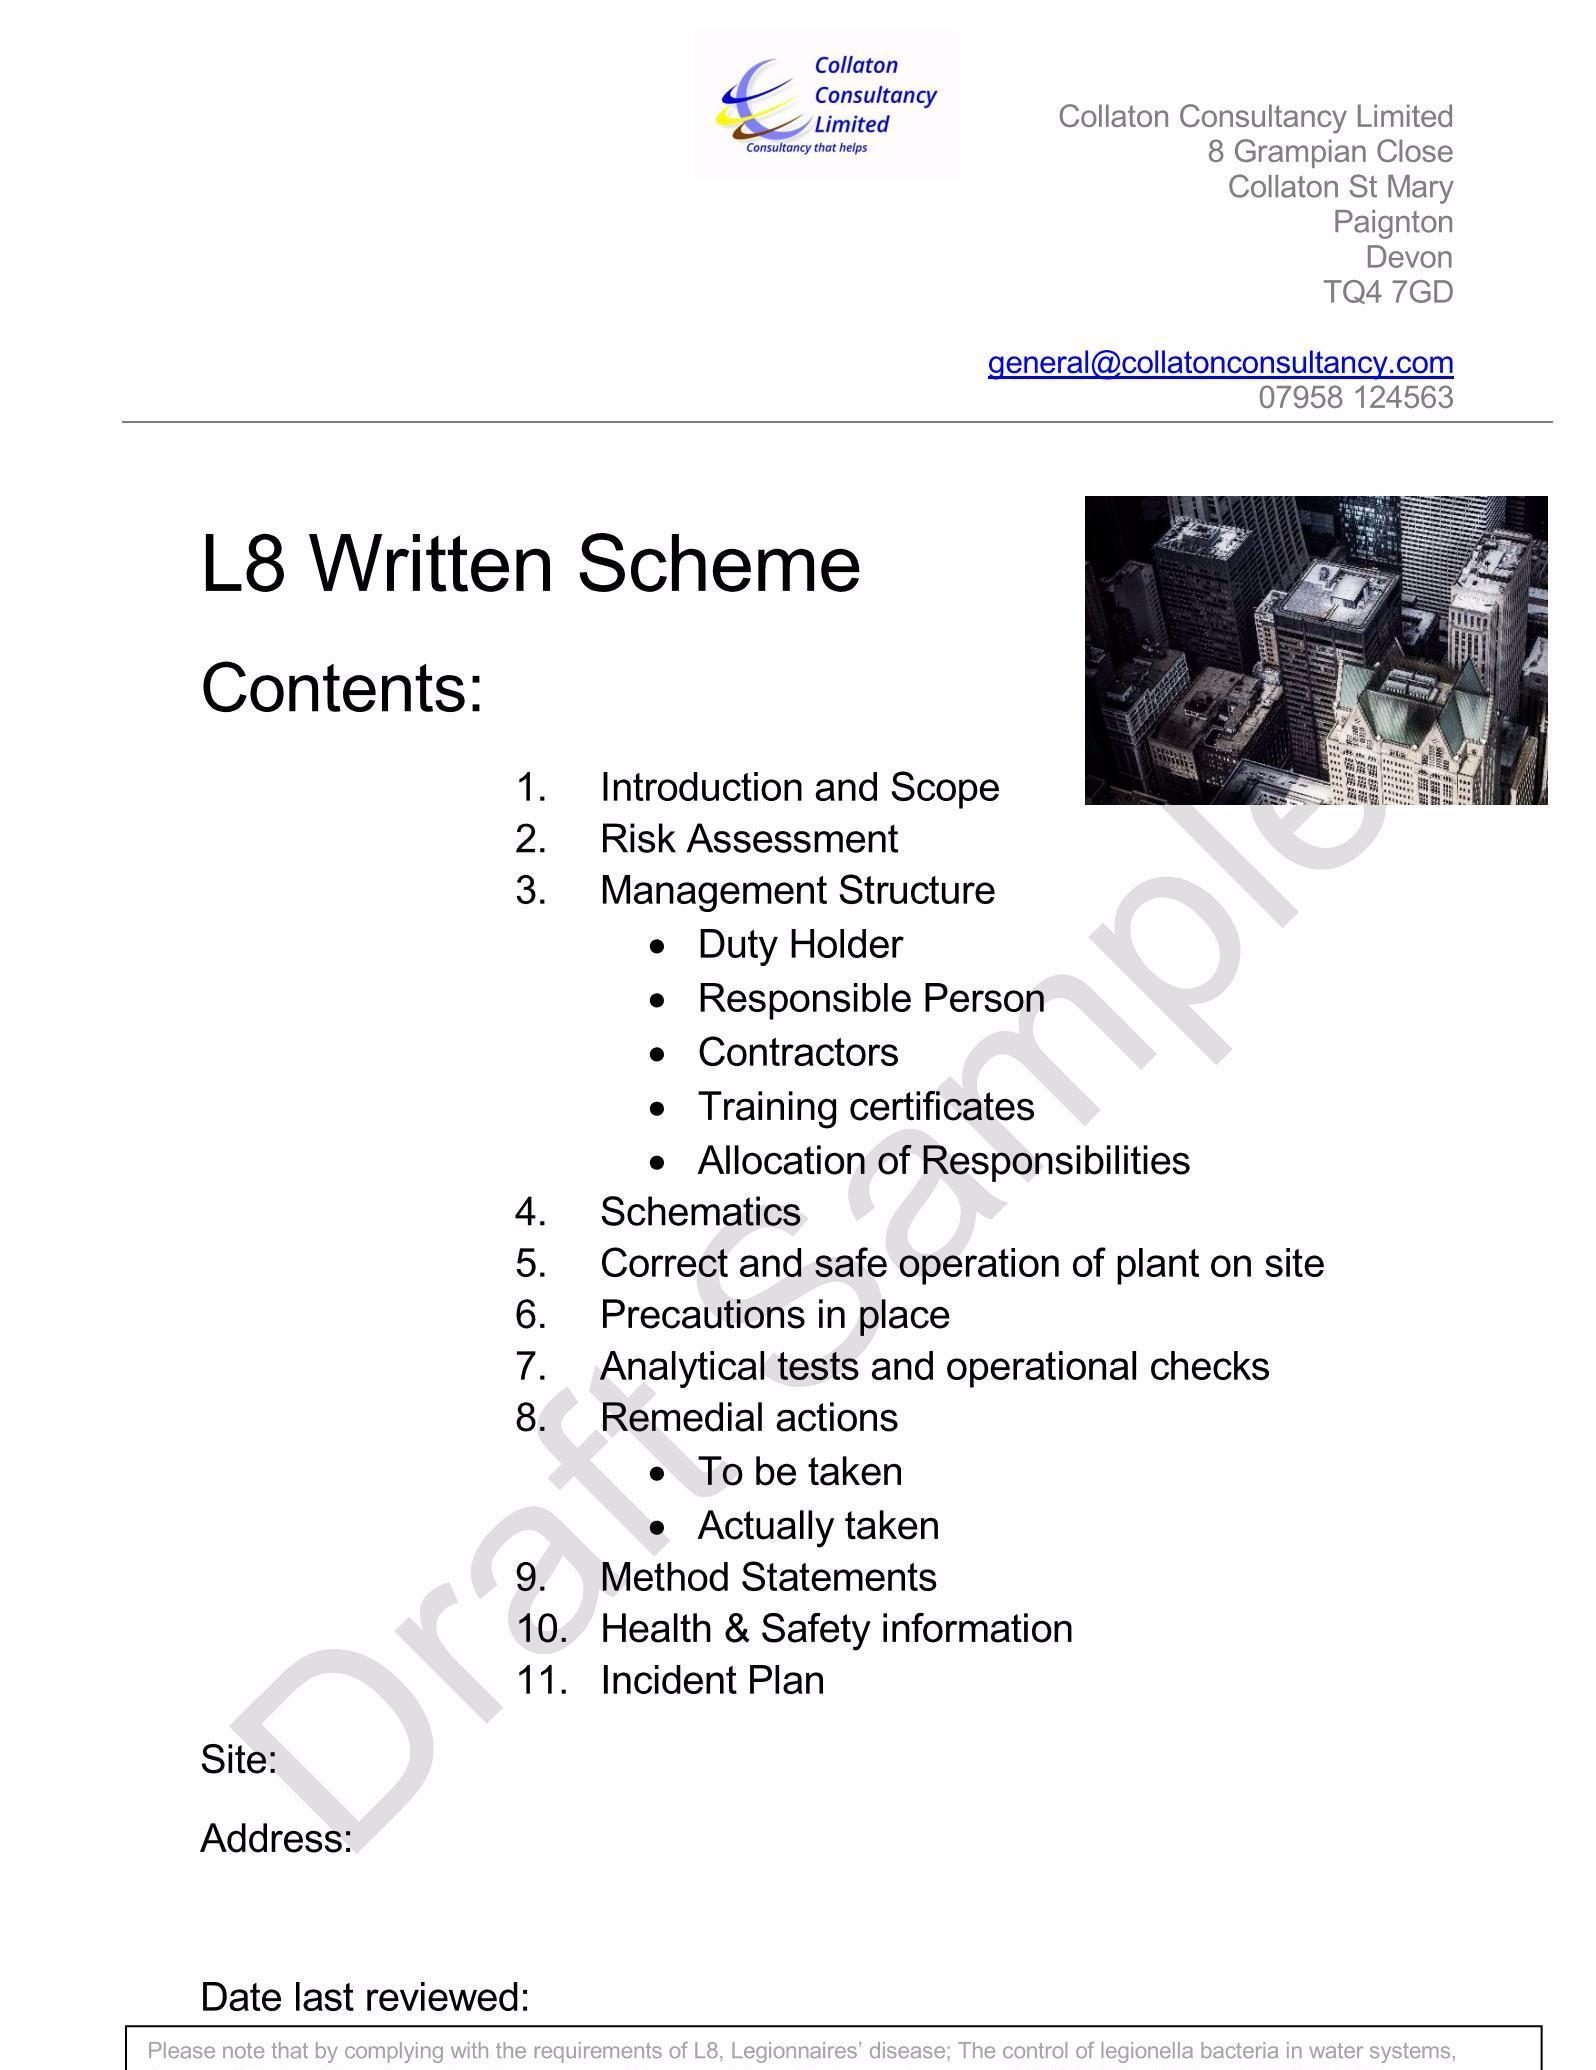 An expertly written Written Scheme